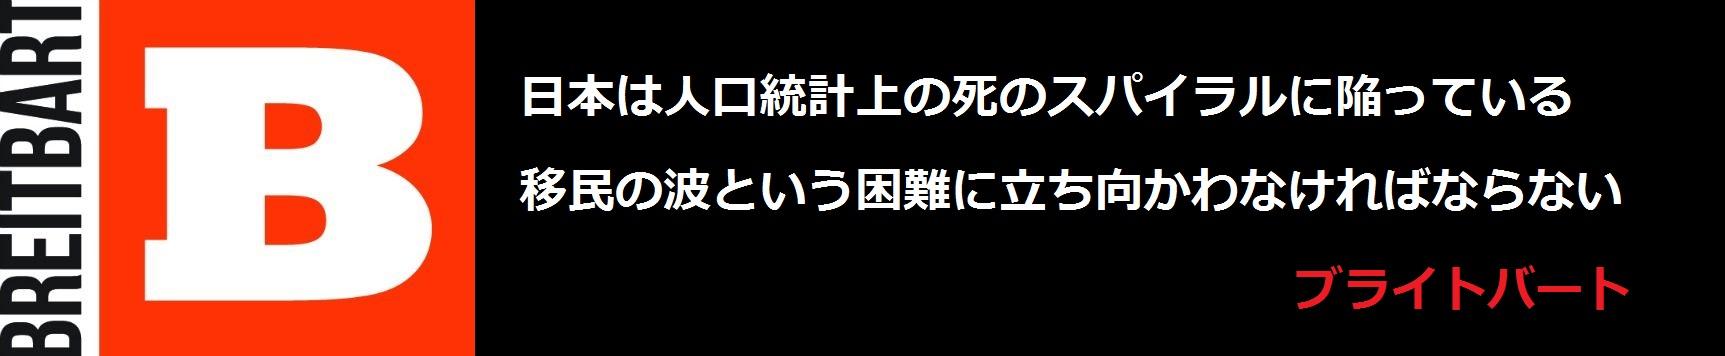 f:id:JAPbuster:20170219005717j:plain